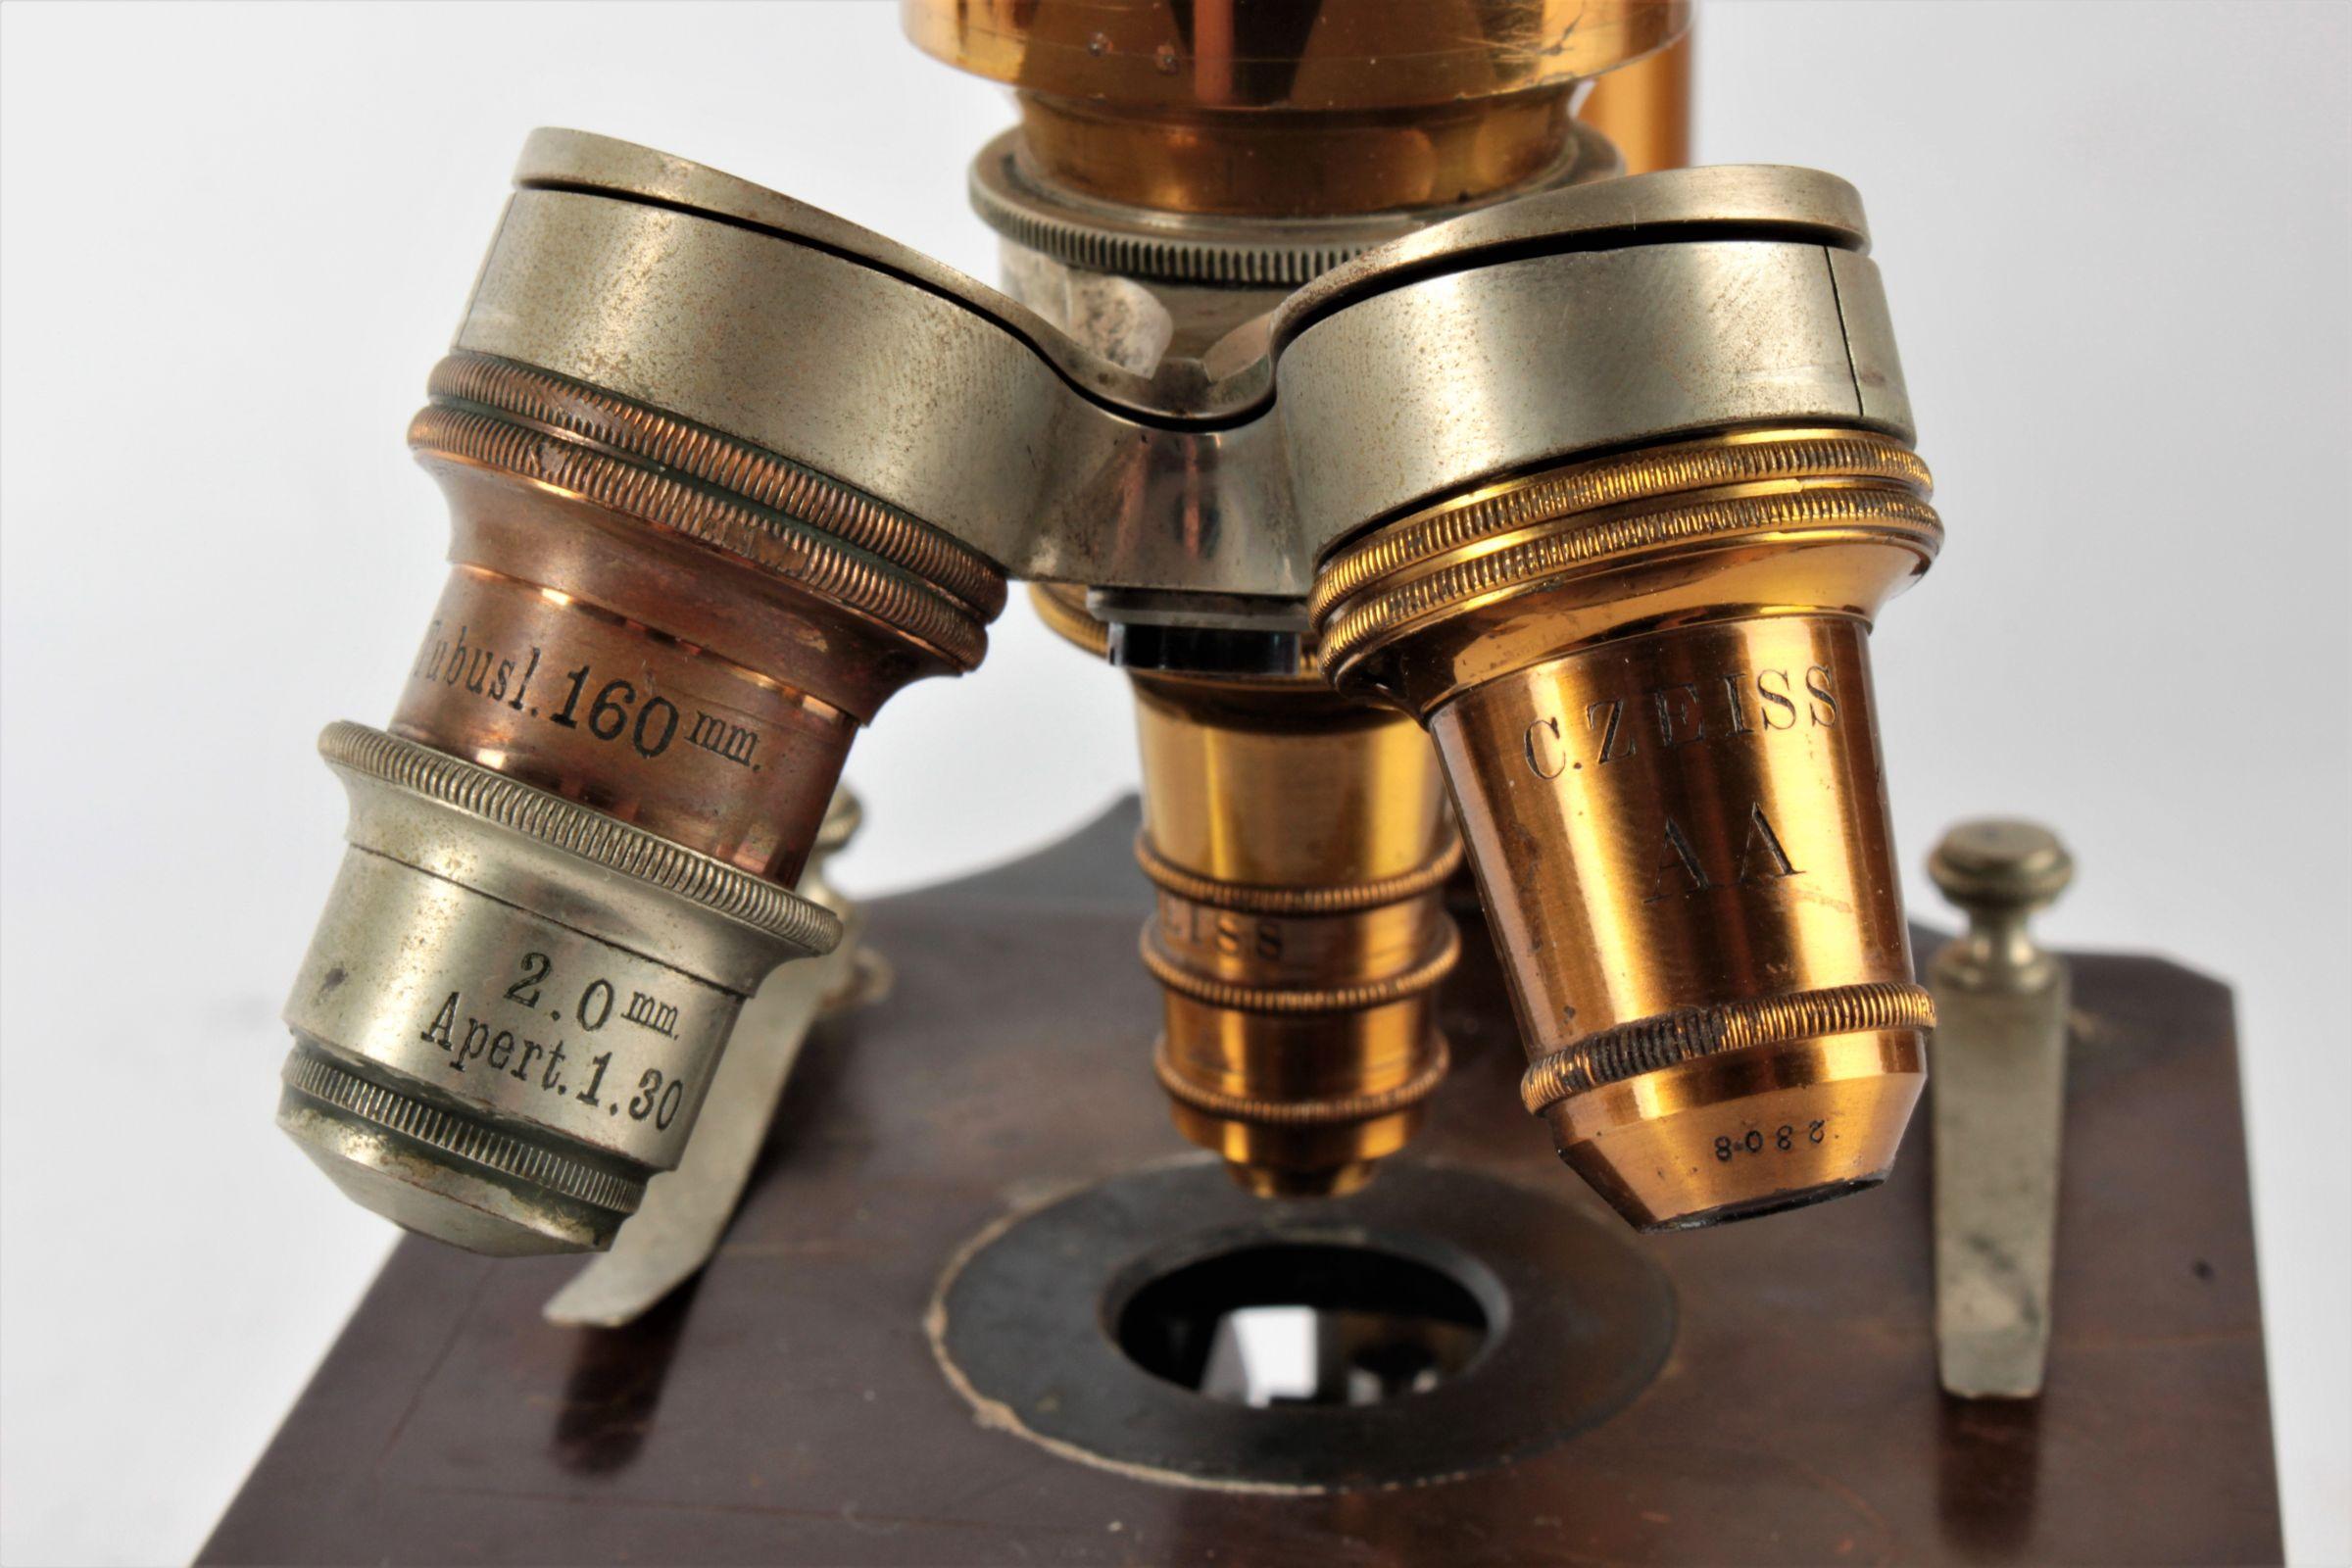 Mikroskop carl zeiss jena aukce výtvarné umění a